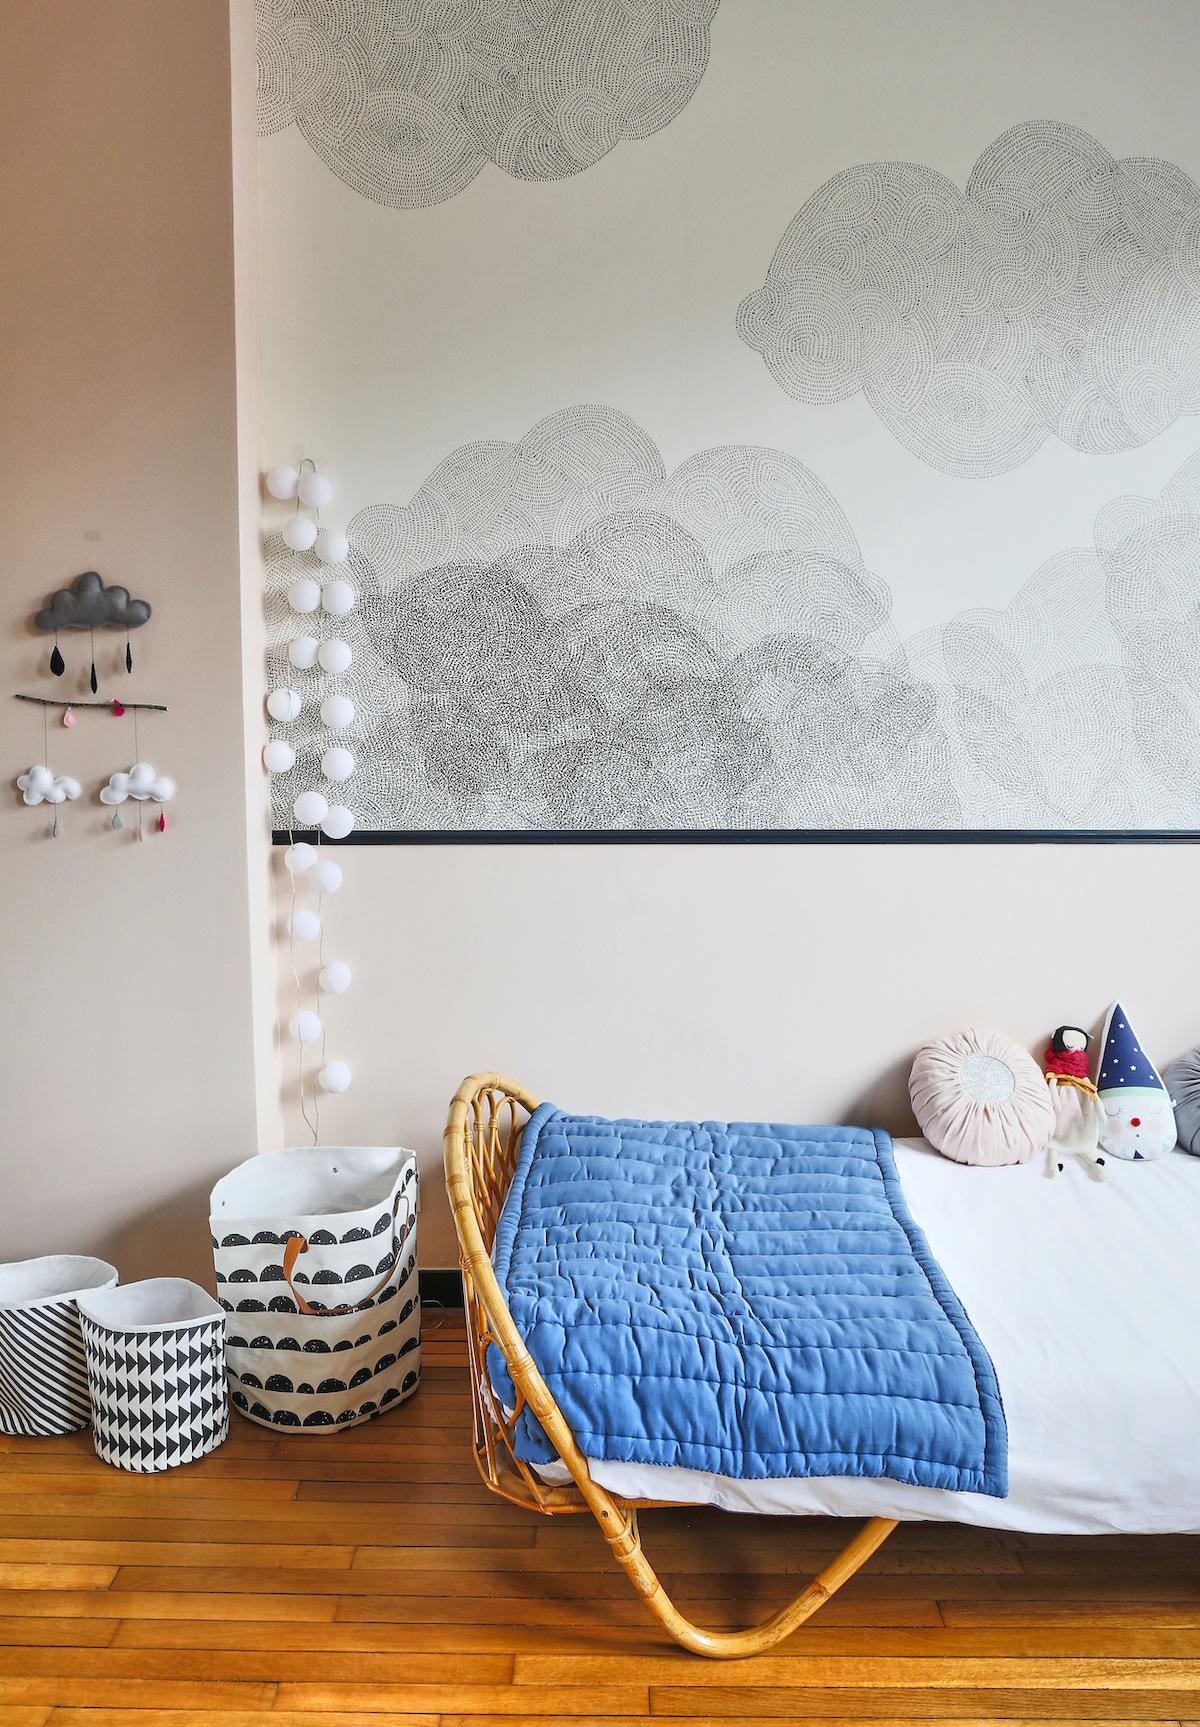 chambre bébé lit rotin papier-peint nuage noir blanc peinture rose bonbon